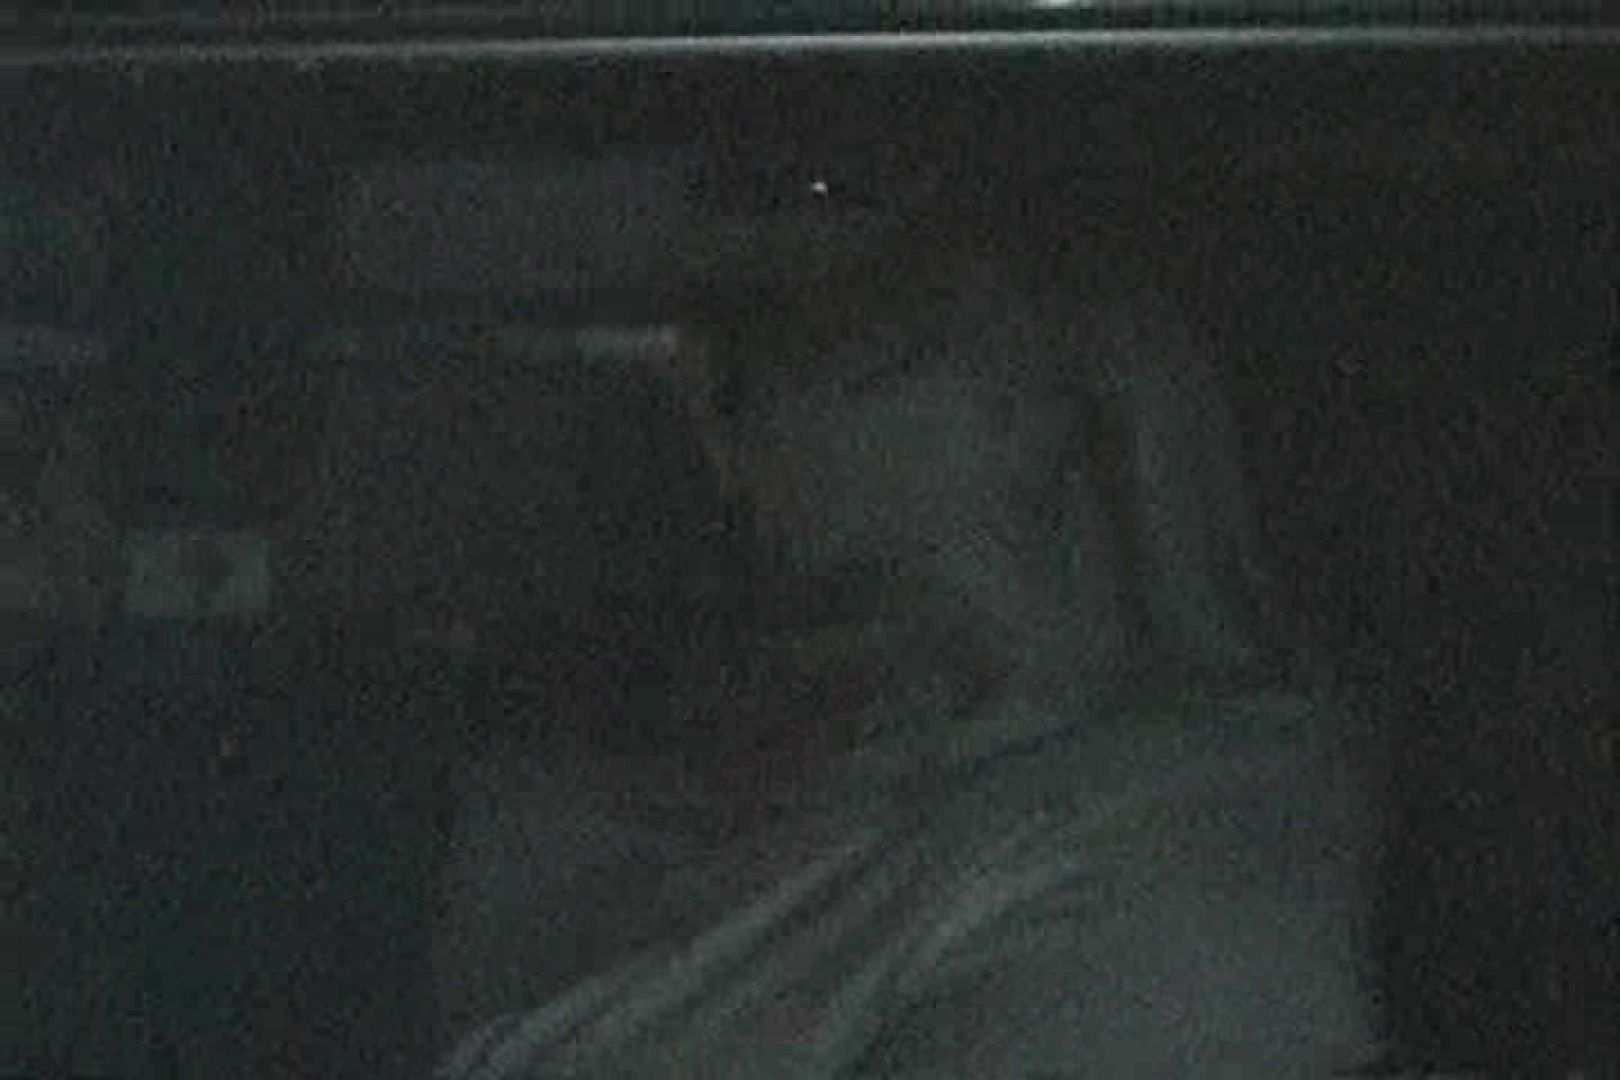 充血監督の深夜の運動会Vol.123 カップル盗撮 | エロティックなOL  107画像 52